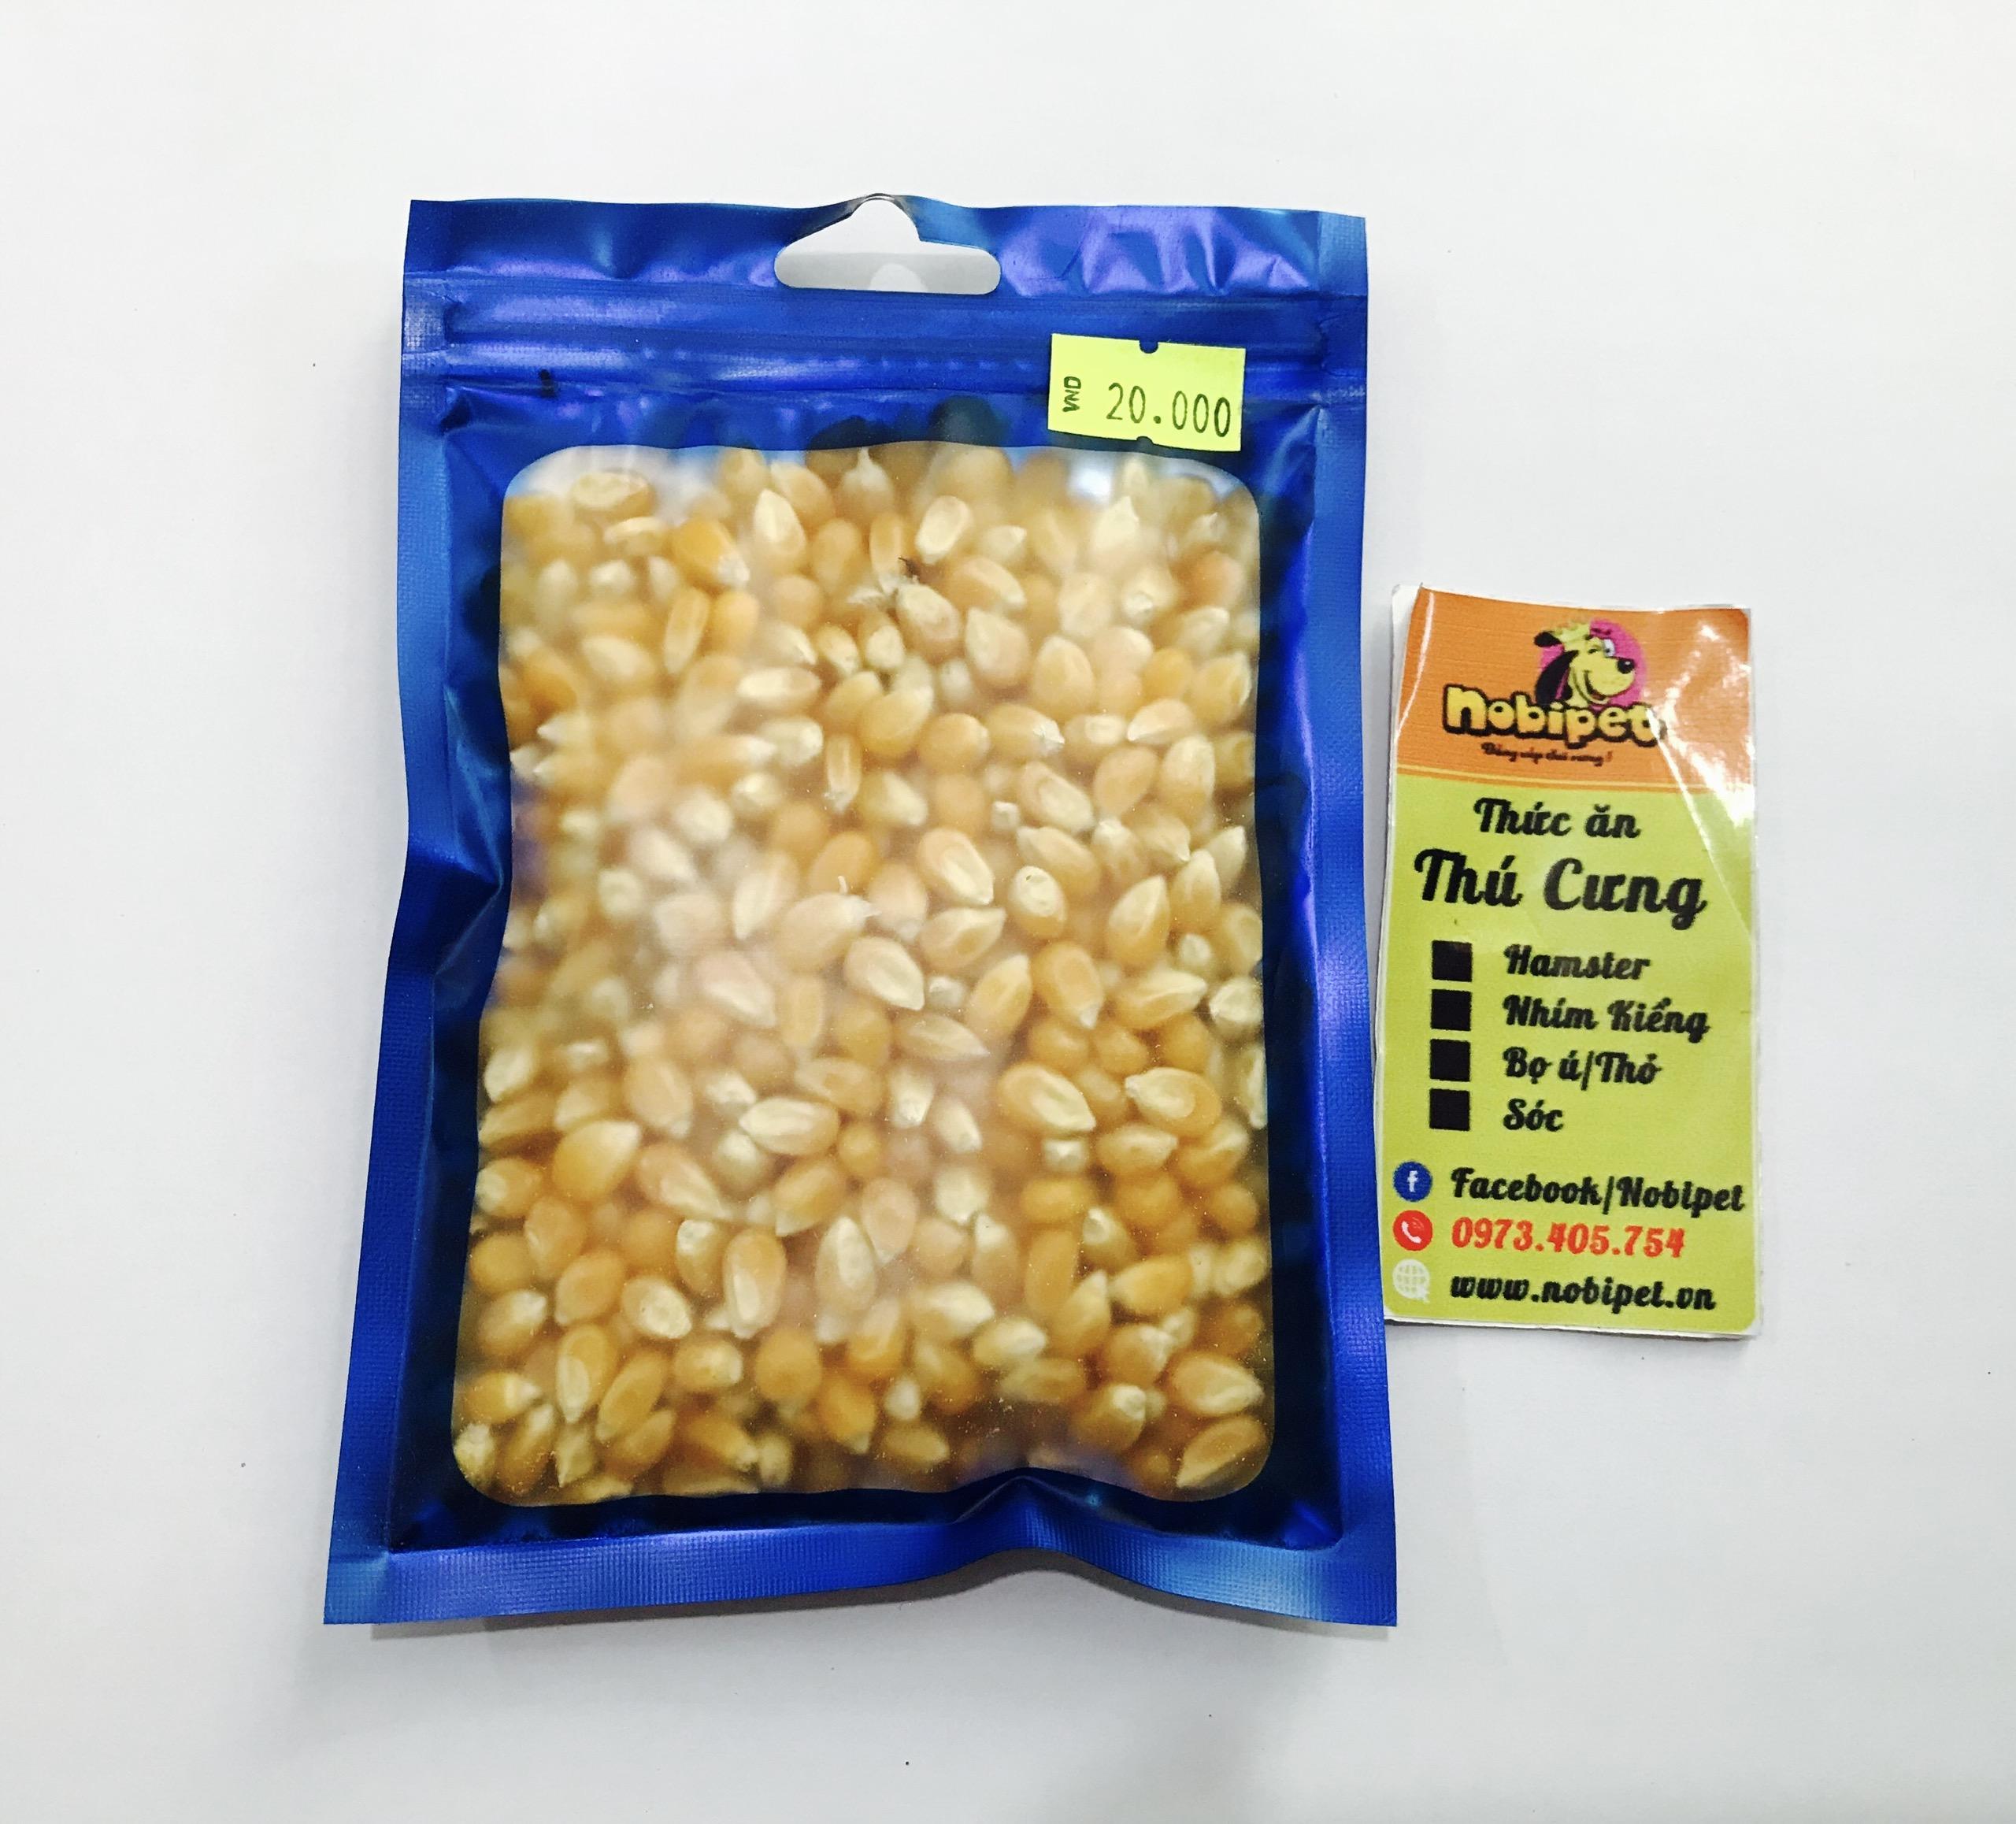 Bắp xấy khô hạt nhỏ dinh dưỡng thức ăn dặm dành cho Hamster